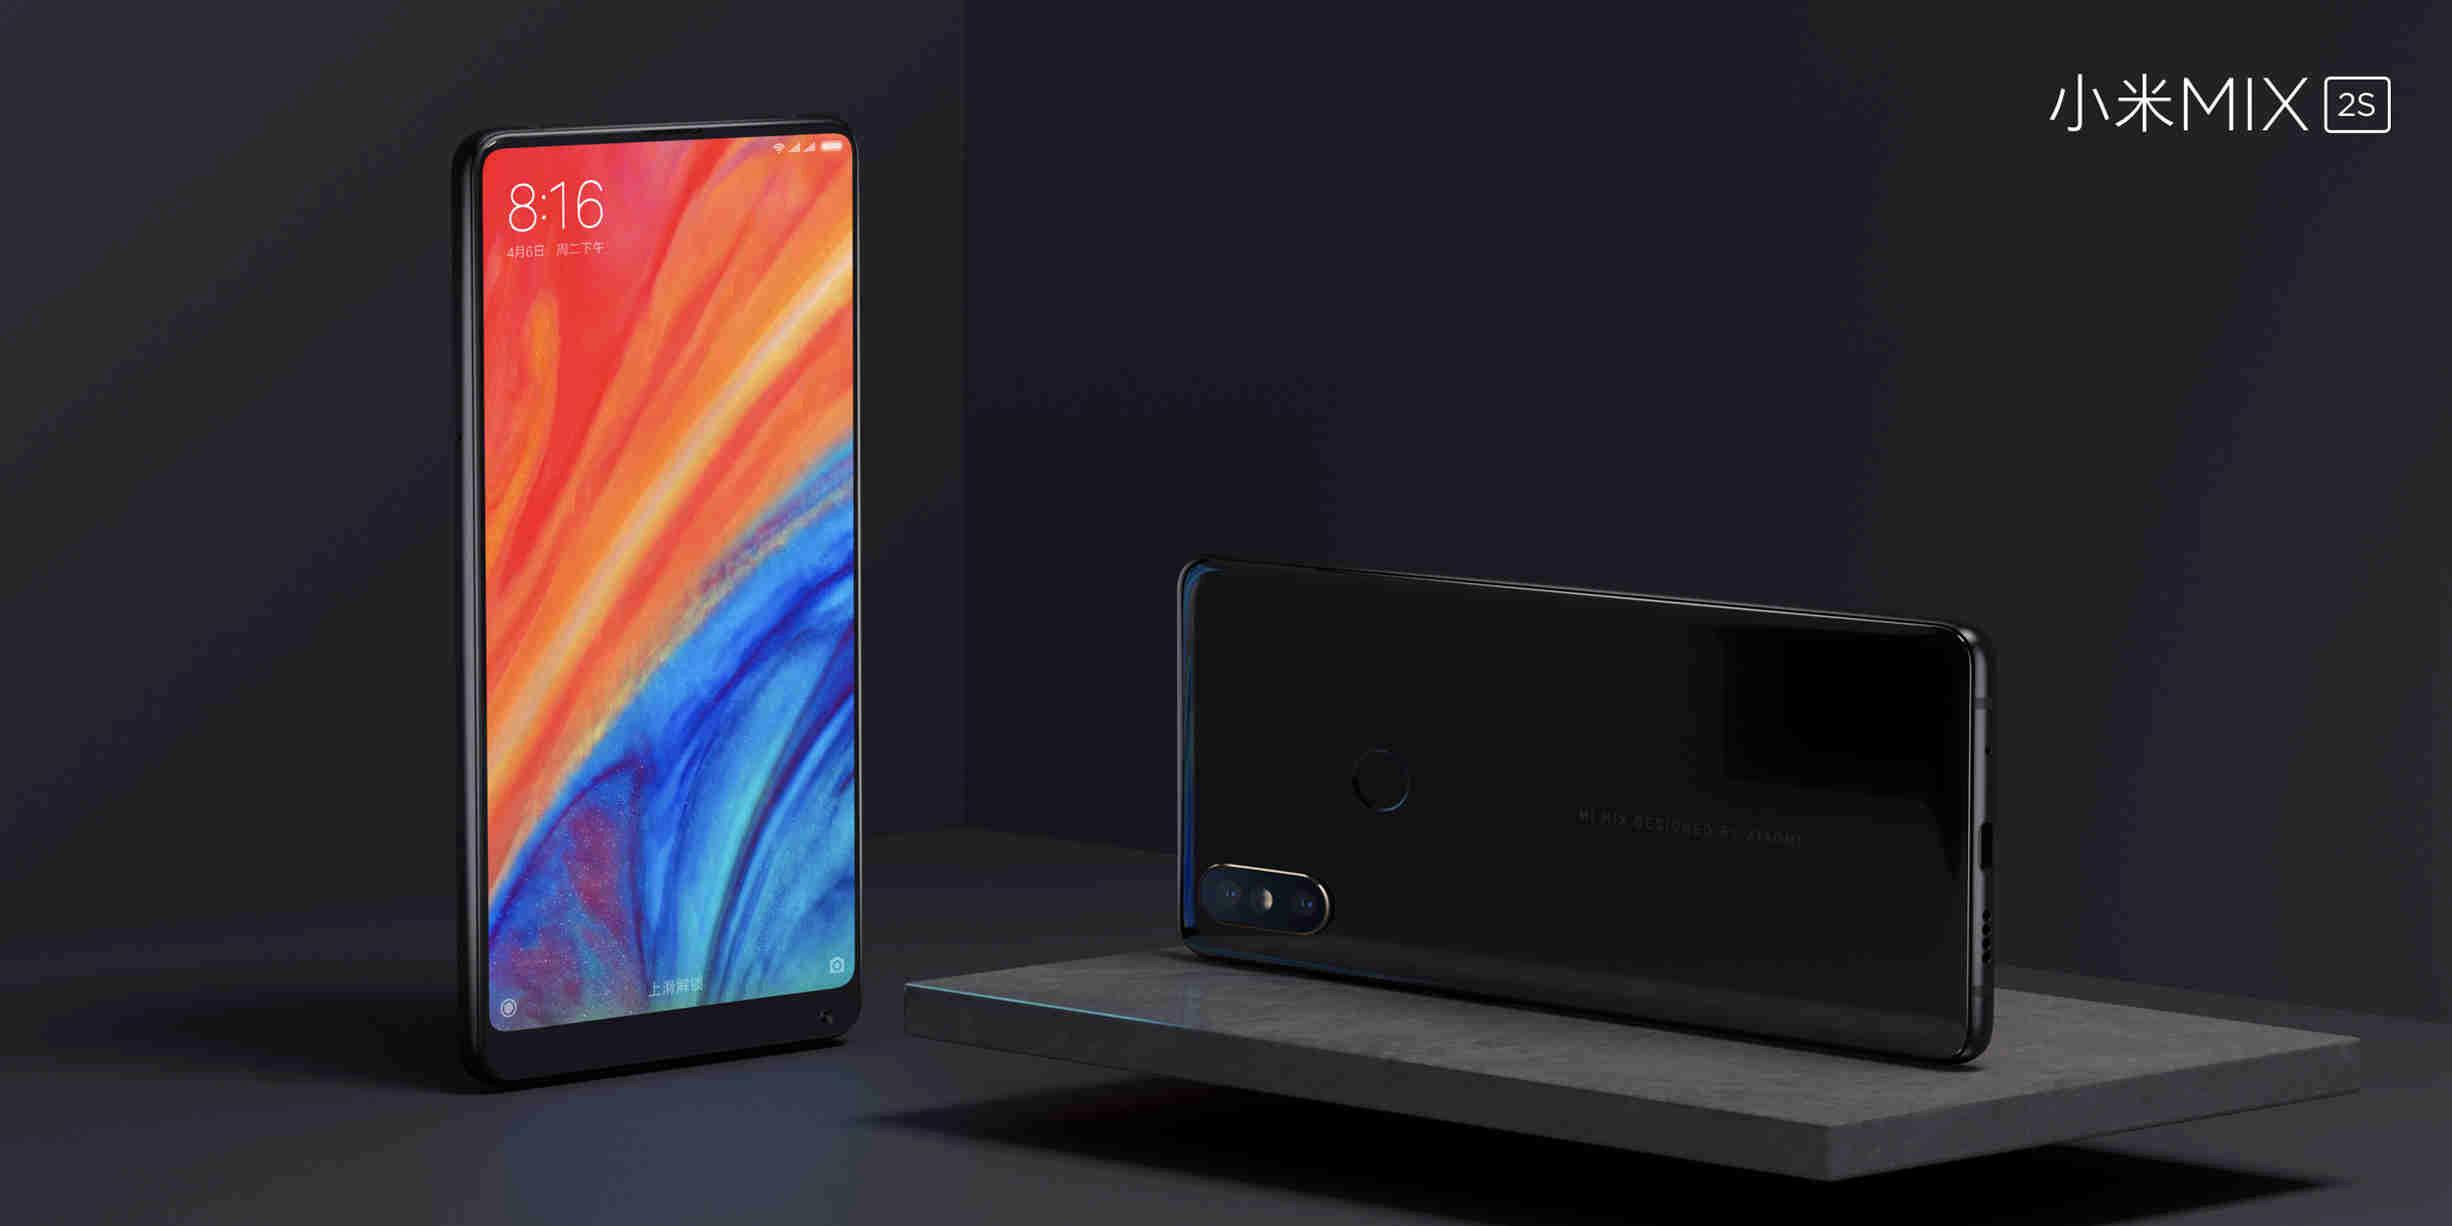 S vynikajºcim fotografick½m sk³re 101 bodov dosahuje Xiaomi Mi MIX 2S rovnaké sk³re pre statickº fotografiu ako iPhone X a sº to len tri body za Samsung